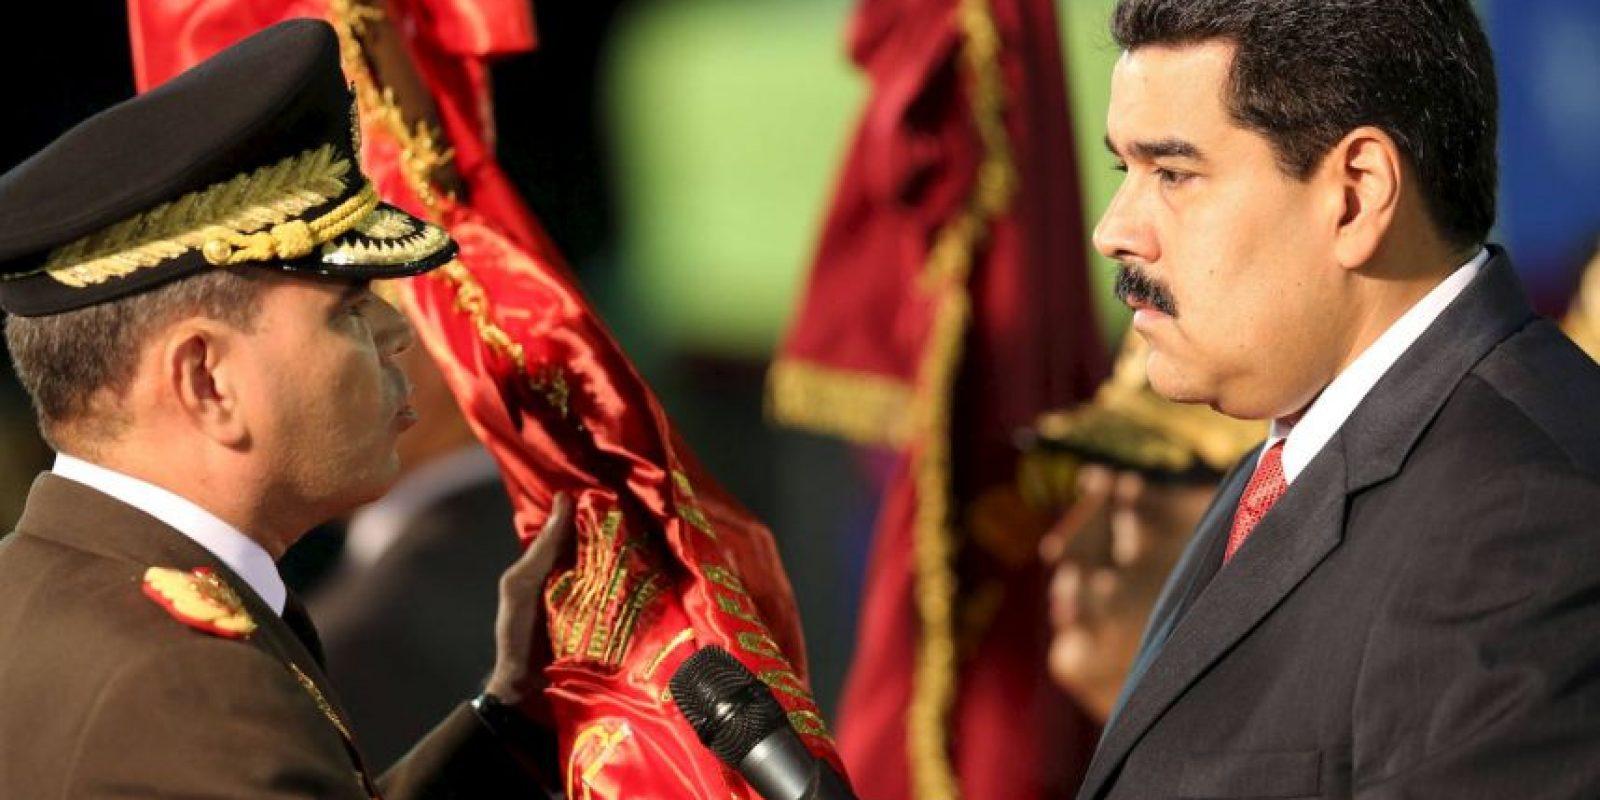 Muchos critican la gestión del presidente venezolano. Foto:AP